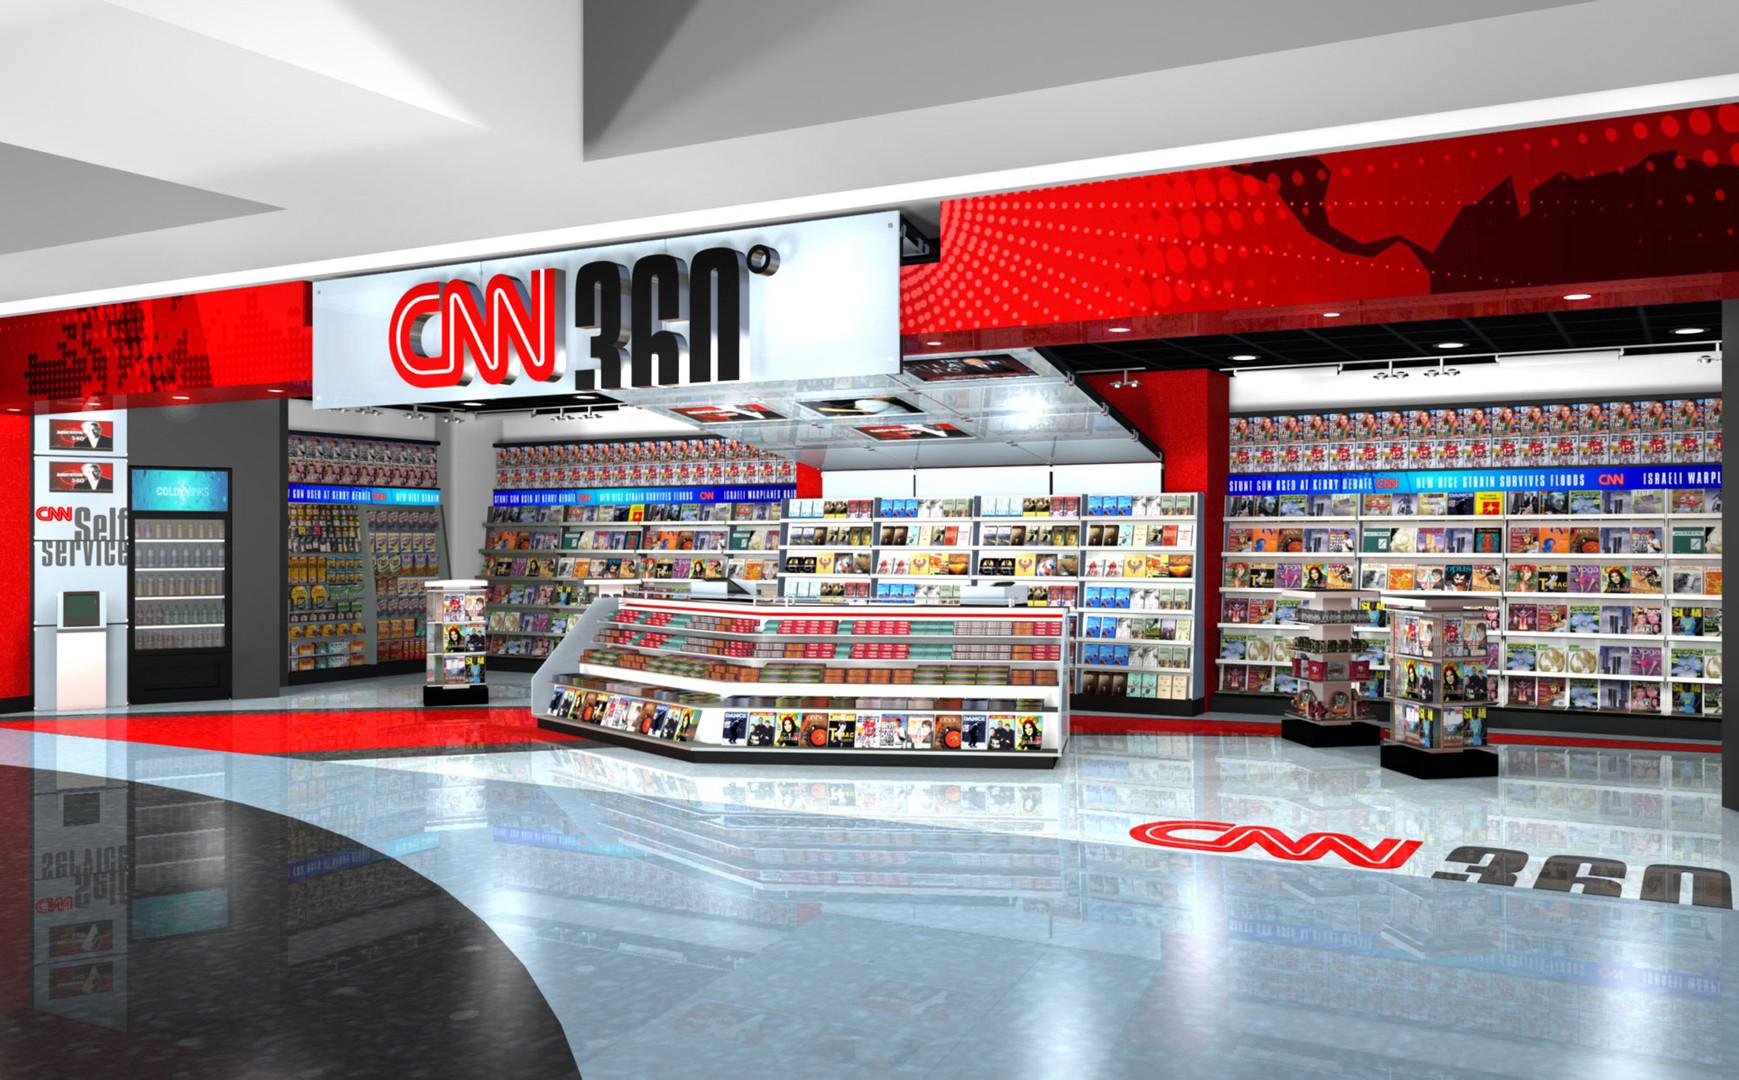 ATL_CNN360_101-WEB.jpg